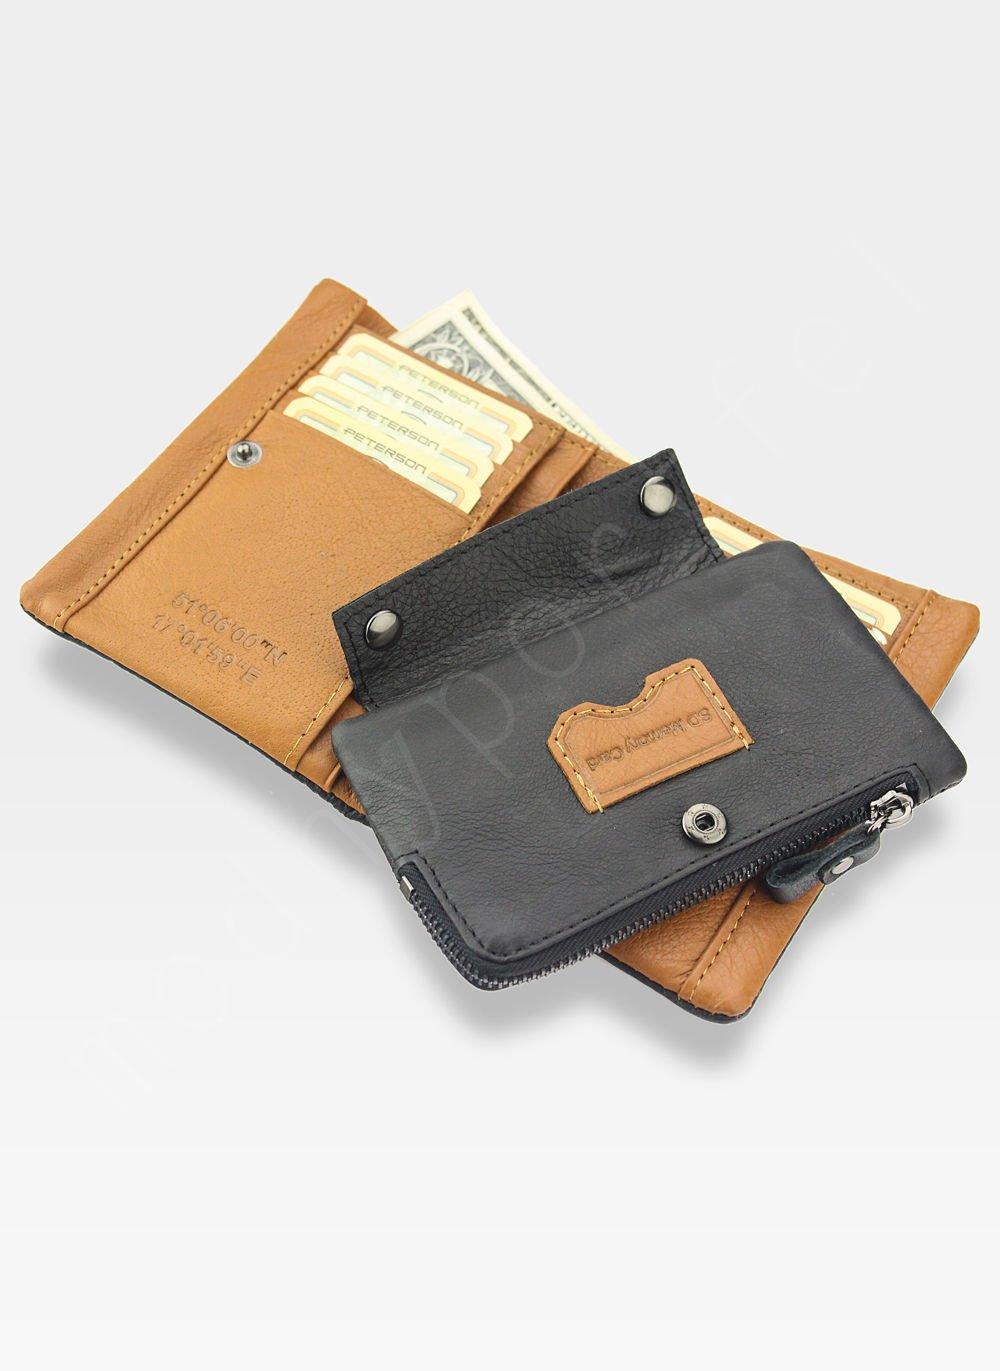 cf6bbec140ec6 ... Portfel Męski Peterson Skórzany Miękki Skóra Naturalna SD Card 8102  Czarny Camel Kliknij, aby powiększyć ...